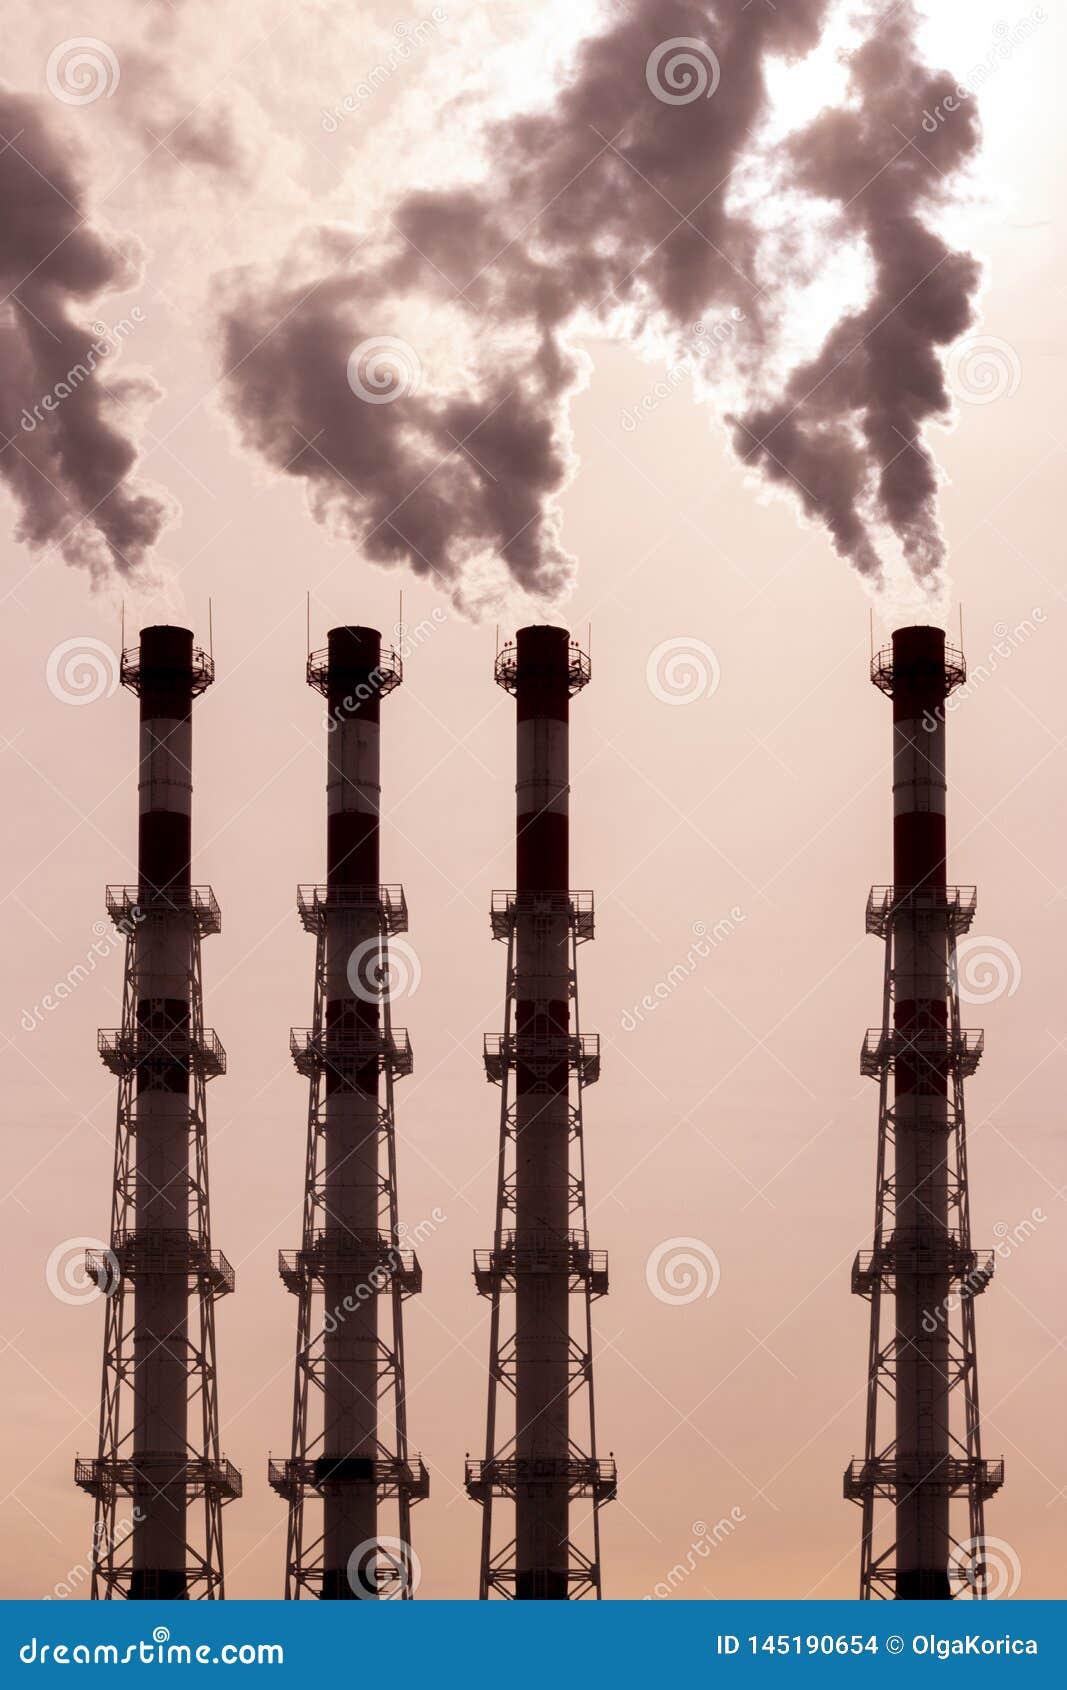 Um grupo de tubulações libera o vapor escuro do vapor do fumo poluição ambiental, poluição do ar por emanações tóxicas